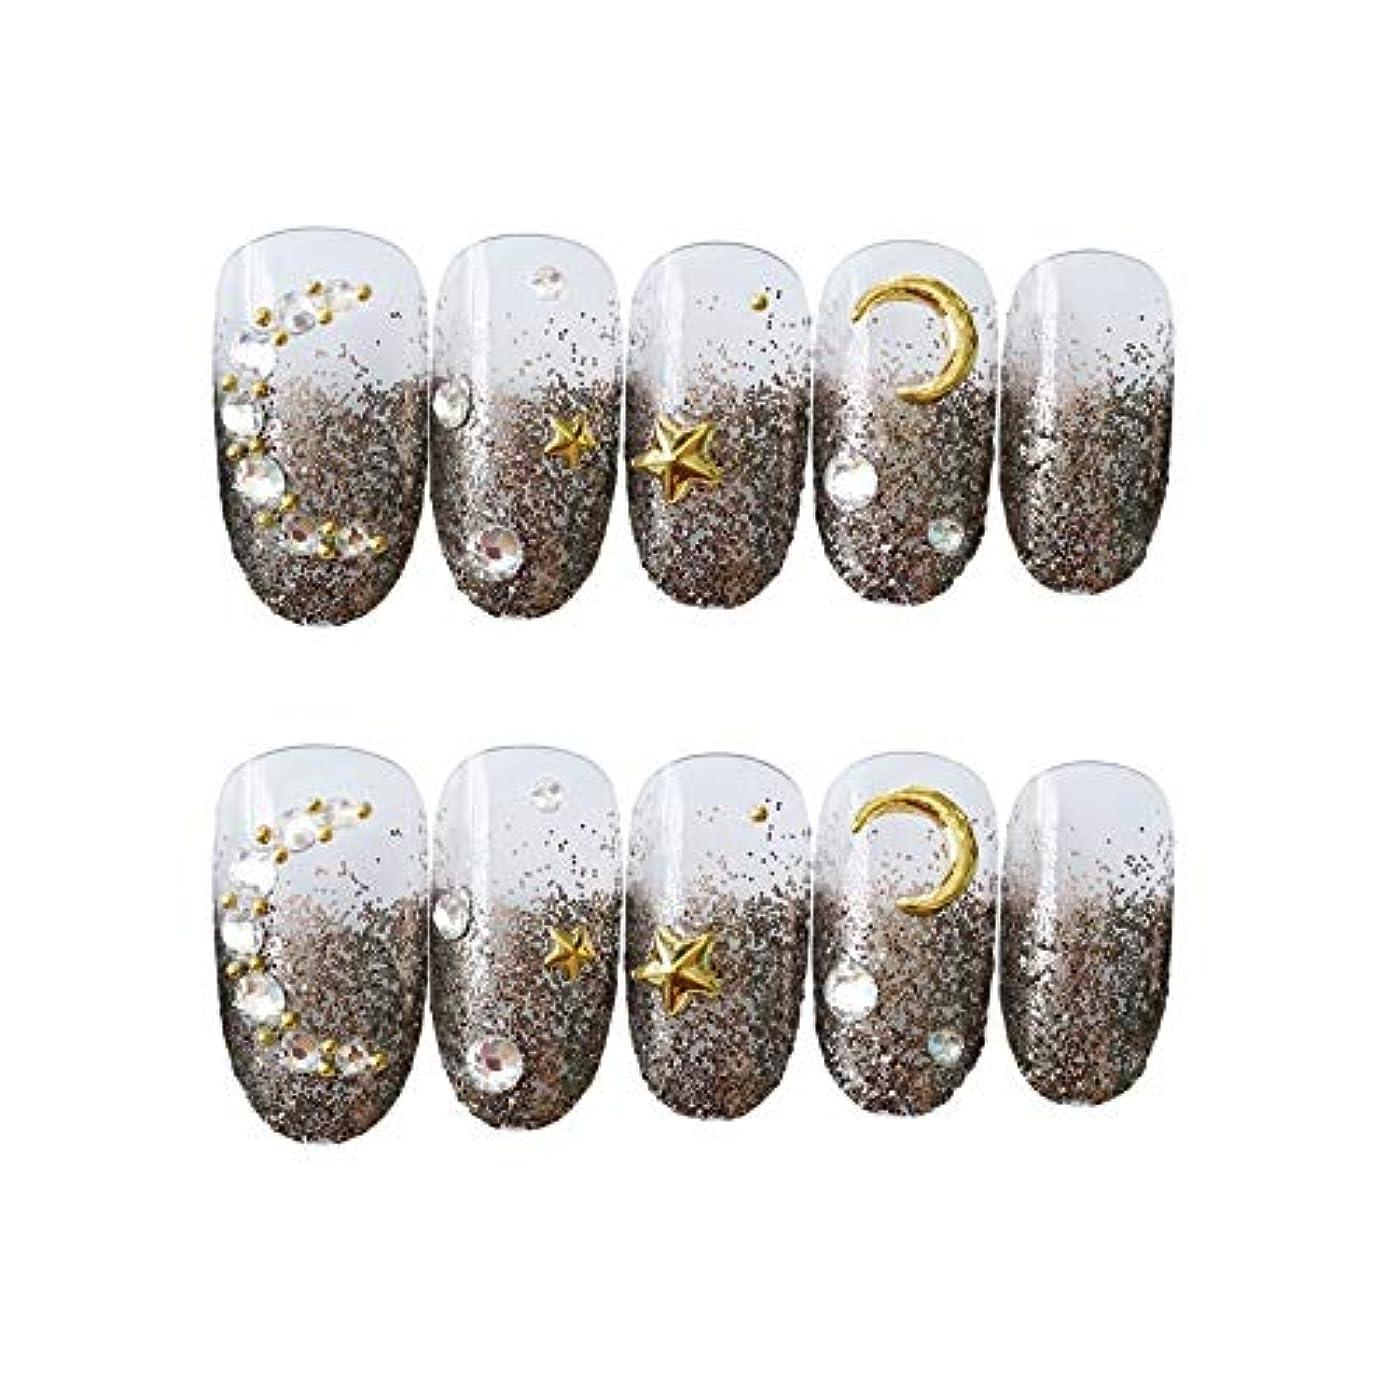 成功した抽出傾くDARLE HOME 3D ネイルチップ 綺麗な飾り付け 24枚入 原宿 和風 夢幻 和装 手作りネイルチップ 結婚式ネイルチップ